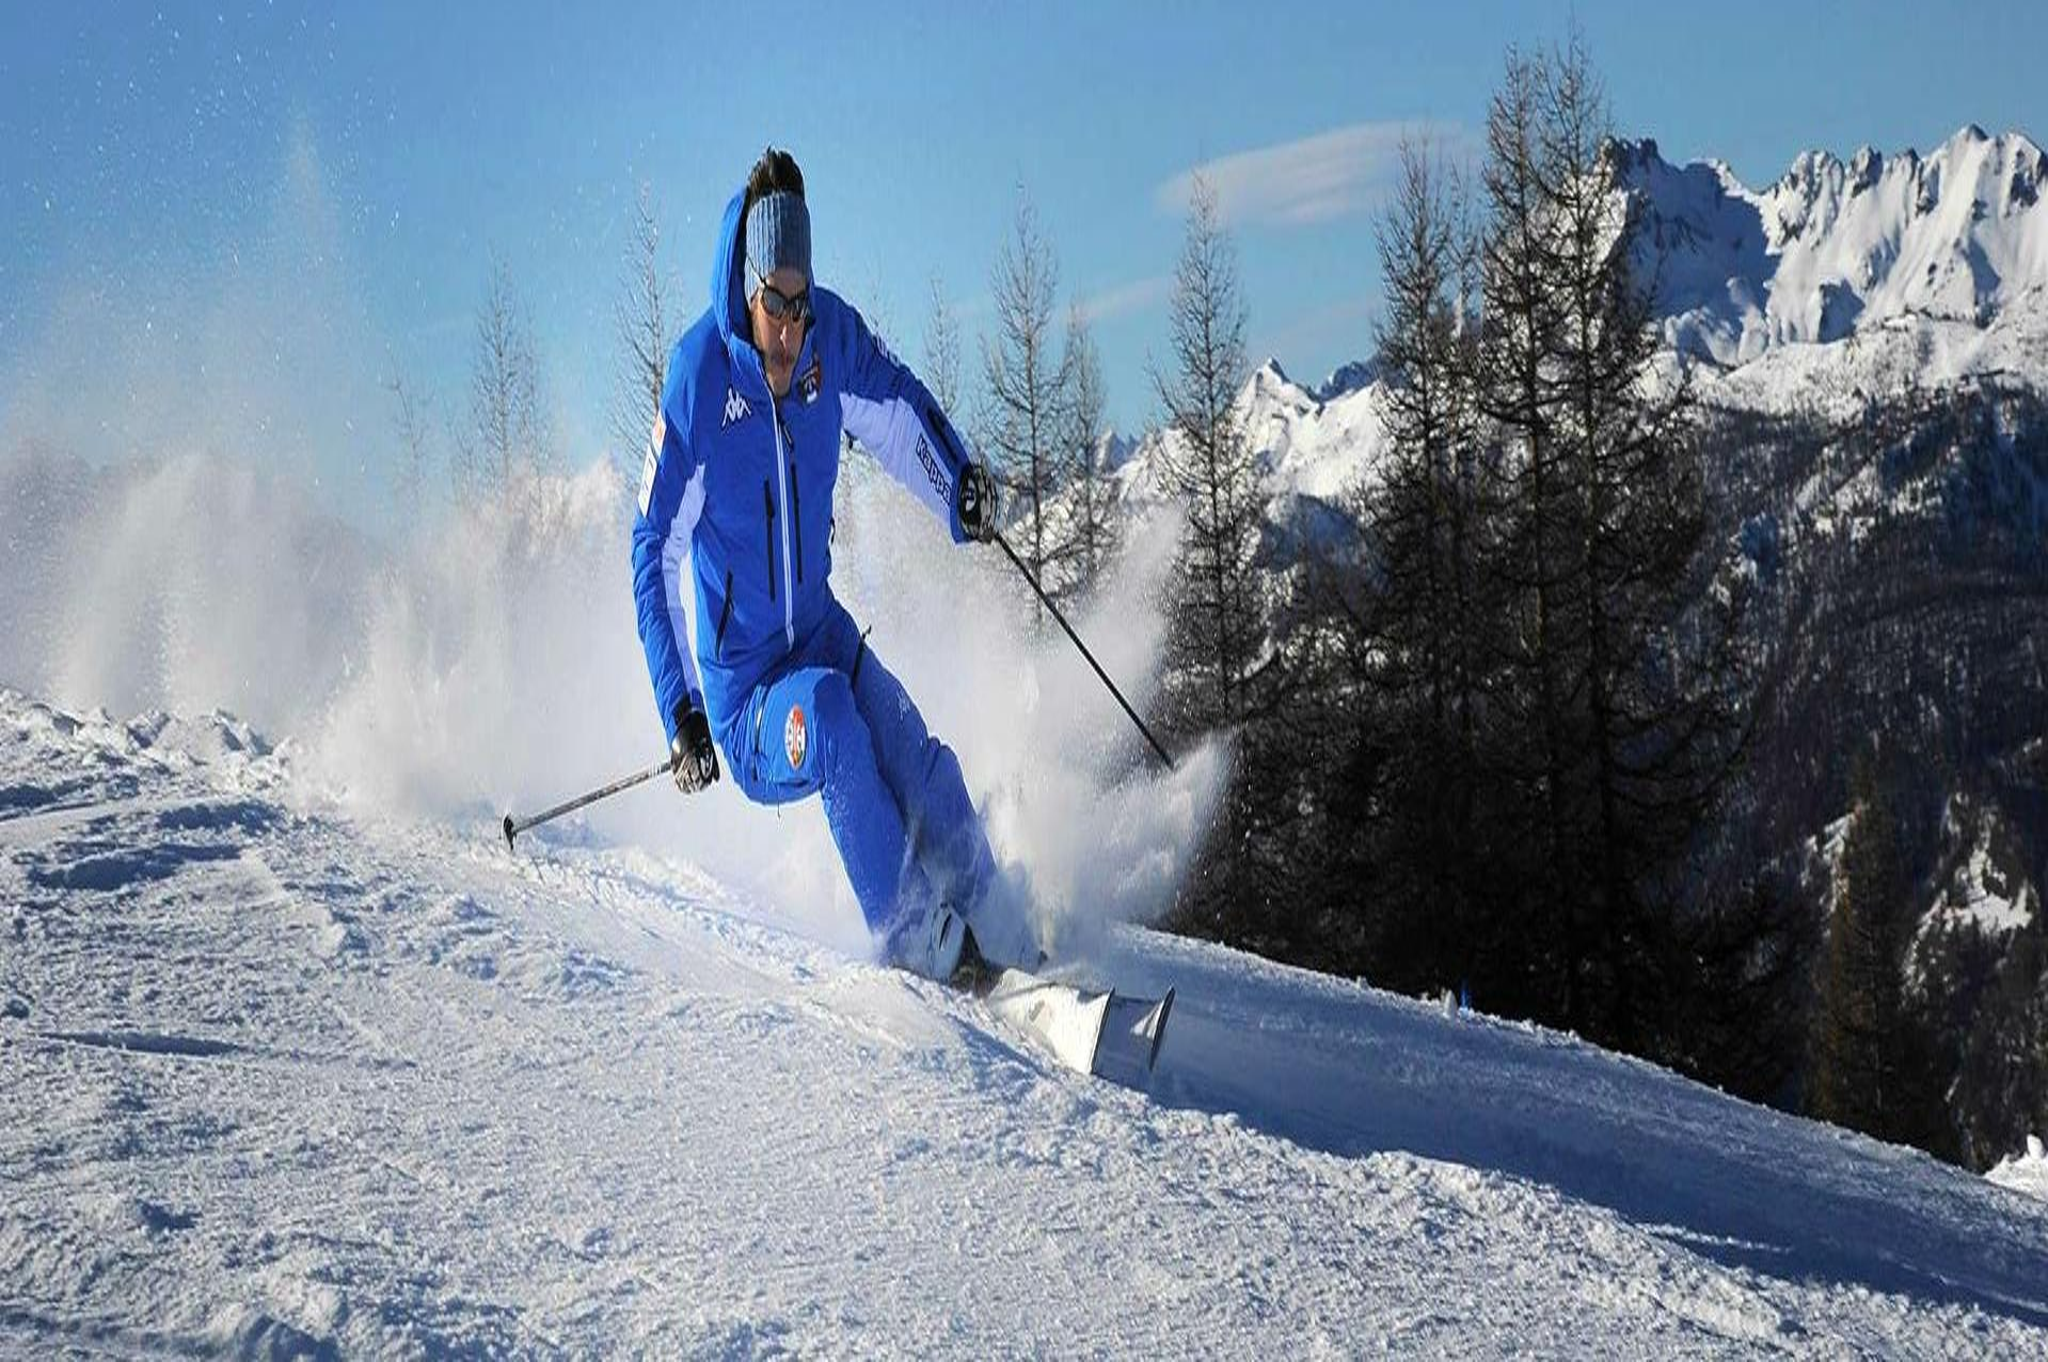 Un maestro della Scuola di Sci Olimpionica a Sestriere sta insegnando la giusta tecnica sciistica durante le Lezioni di sci per adulti - Principianti assoluti.